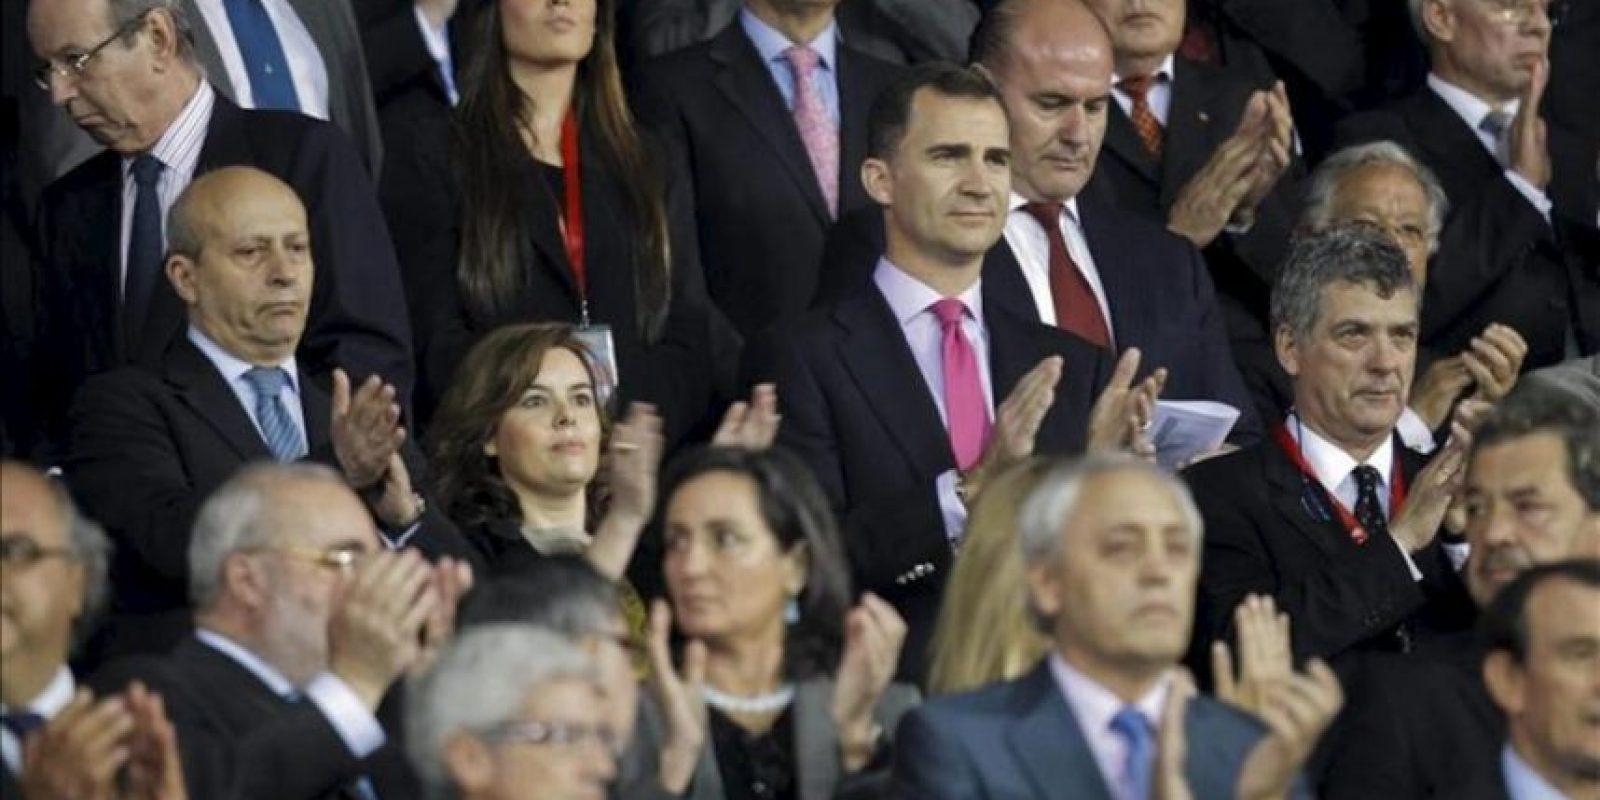 El príncipe Felipe, el ministro de Educación, José Ignacio Wert (i), la vicepresidenta del Gobierno, Soraya Sáenz de Santamaría (2i) y el presidente de la Federación Española de Fútbol, Angel María Villar (d). EFE